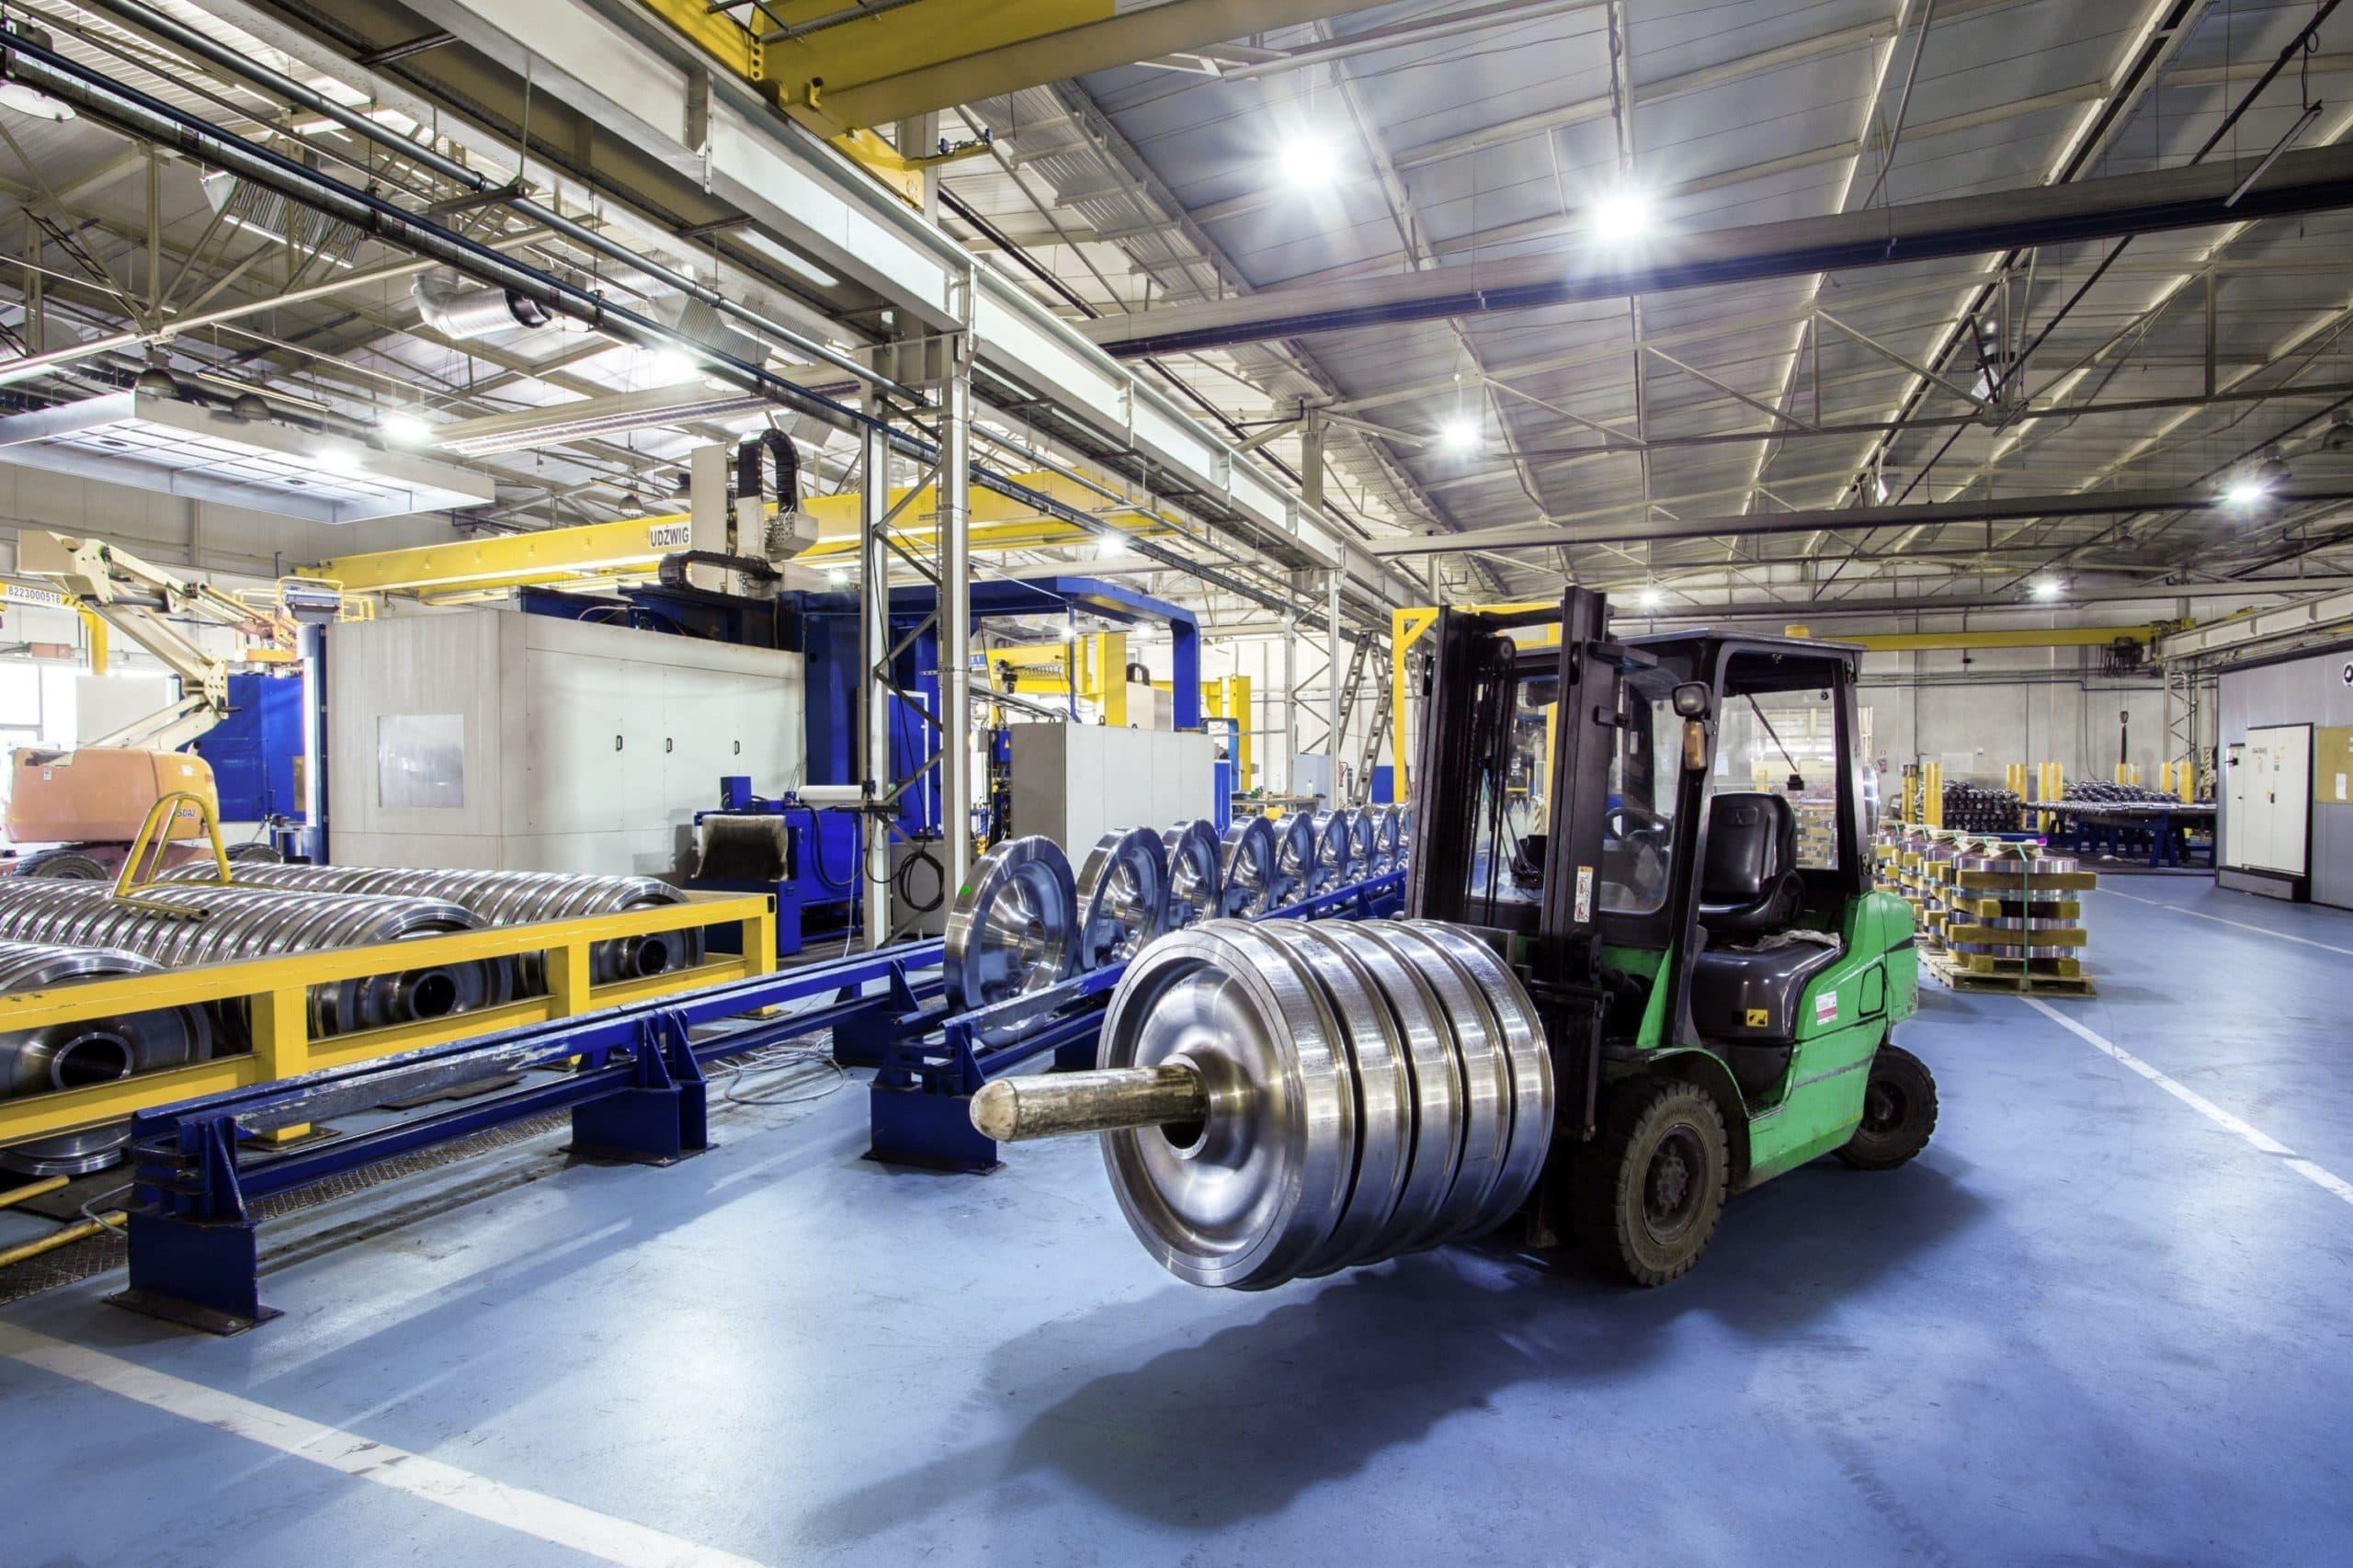 Oprawy Highbay w zakładzie produkcyjnym firmy Lucchini - Luxon LED